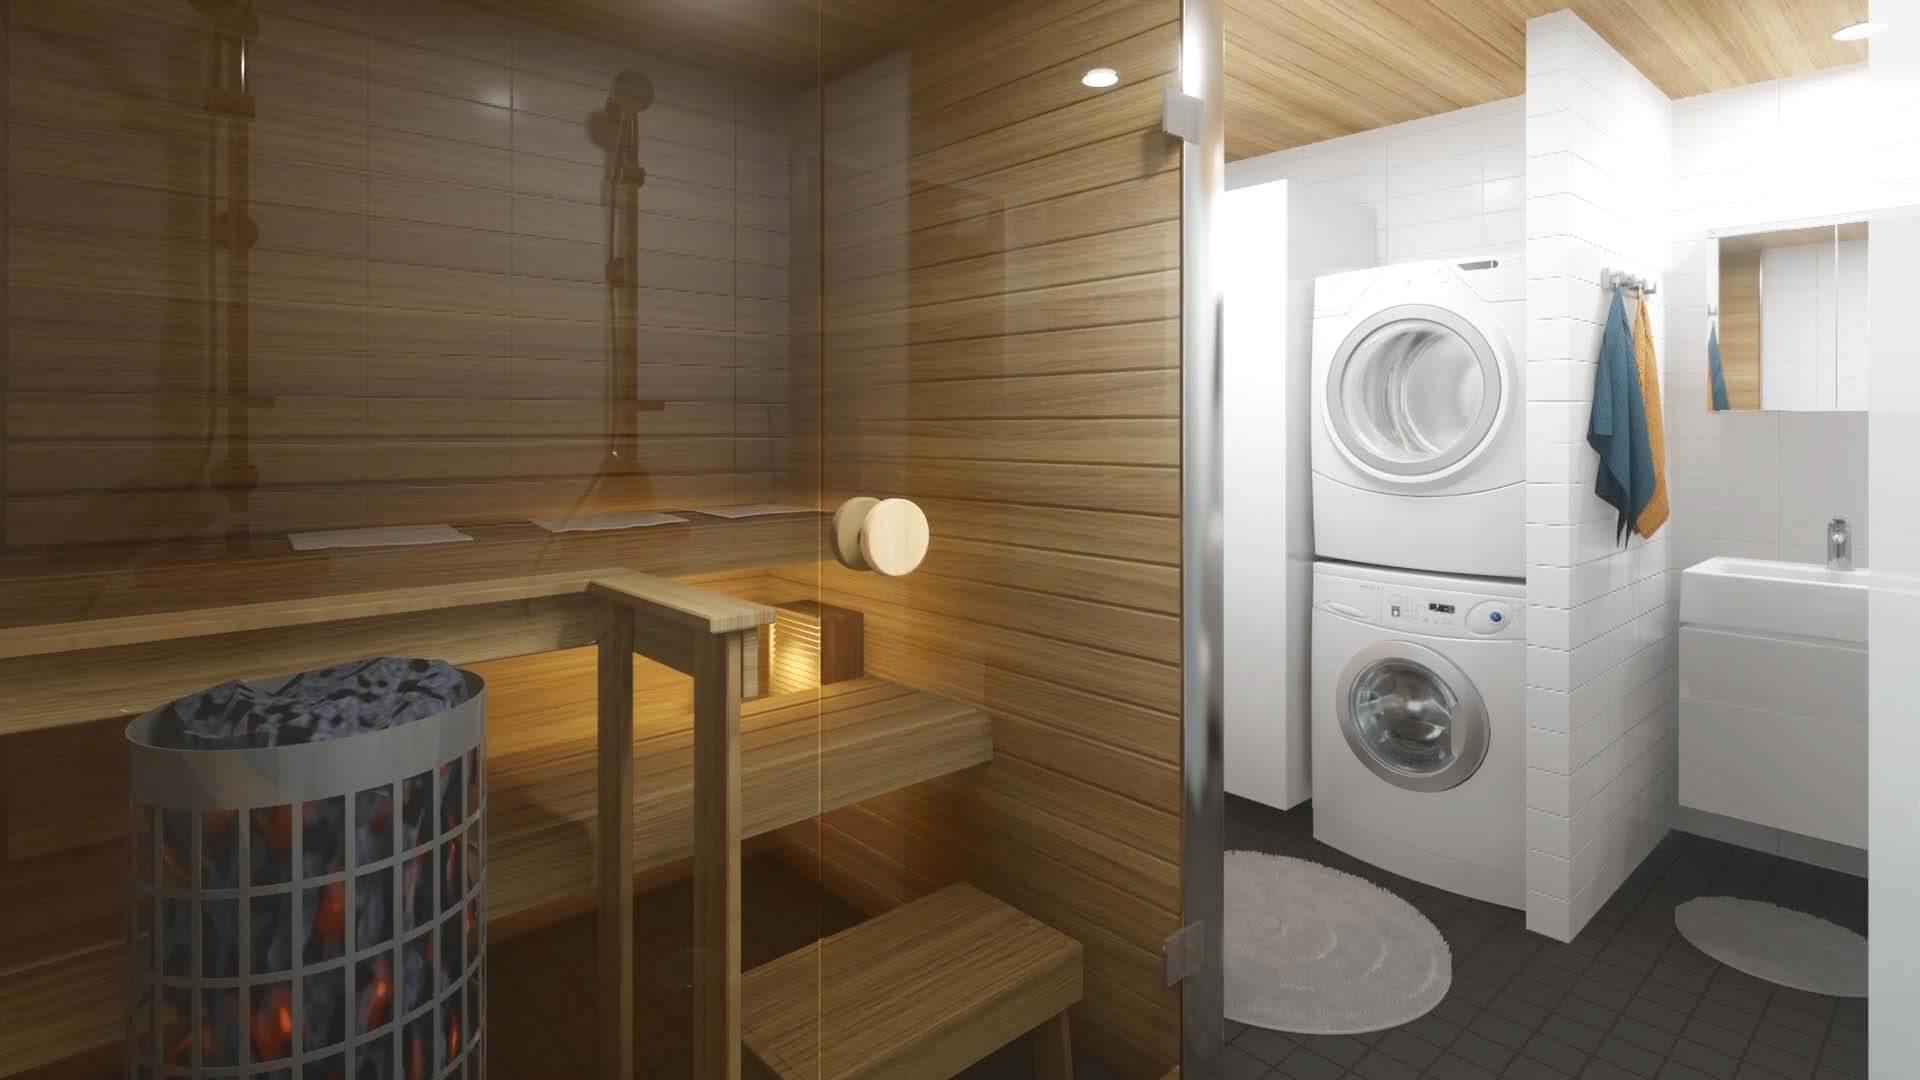 Kerttulantie 2 - kylpyhuone